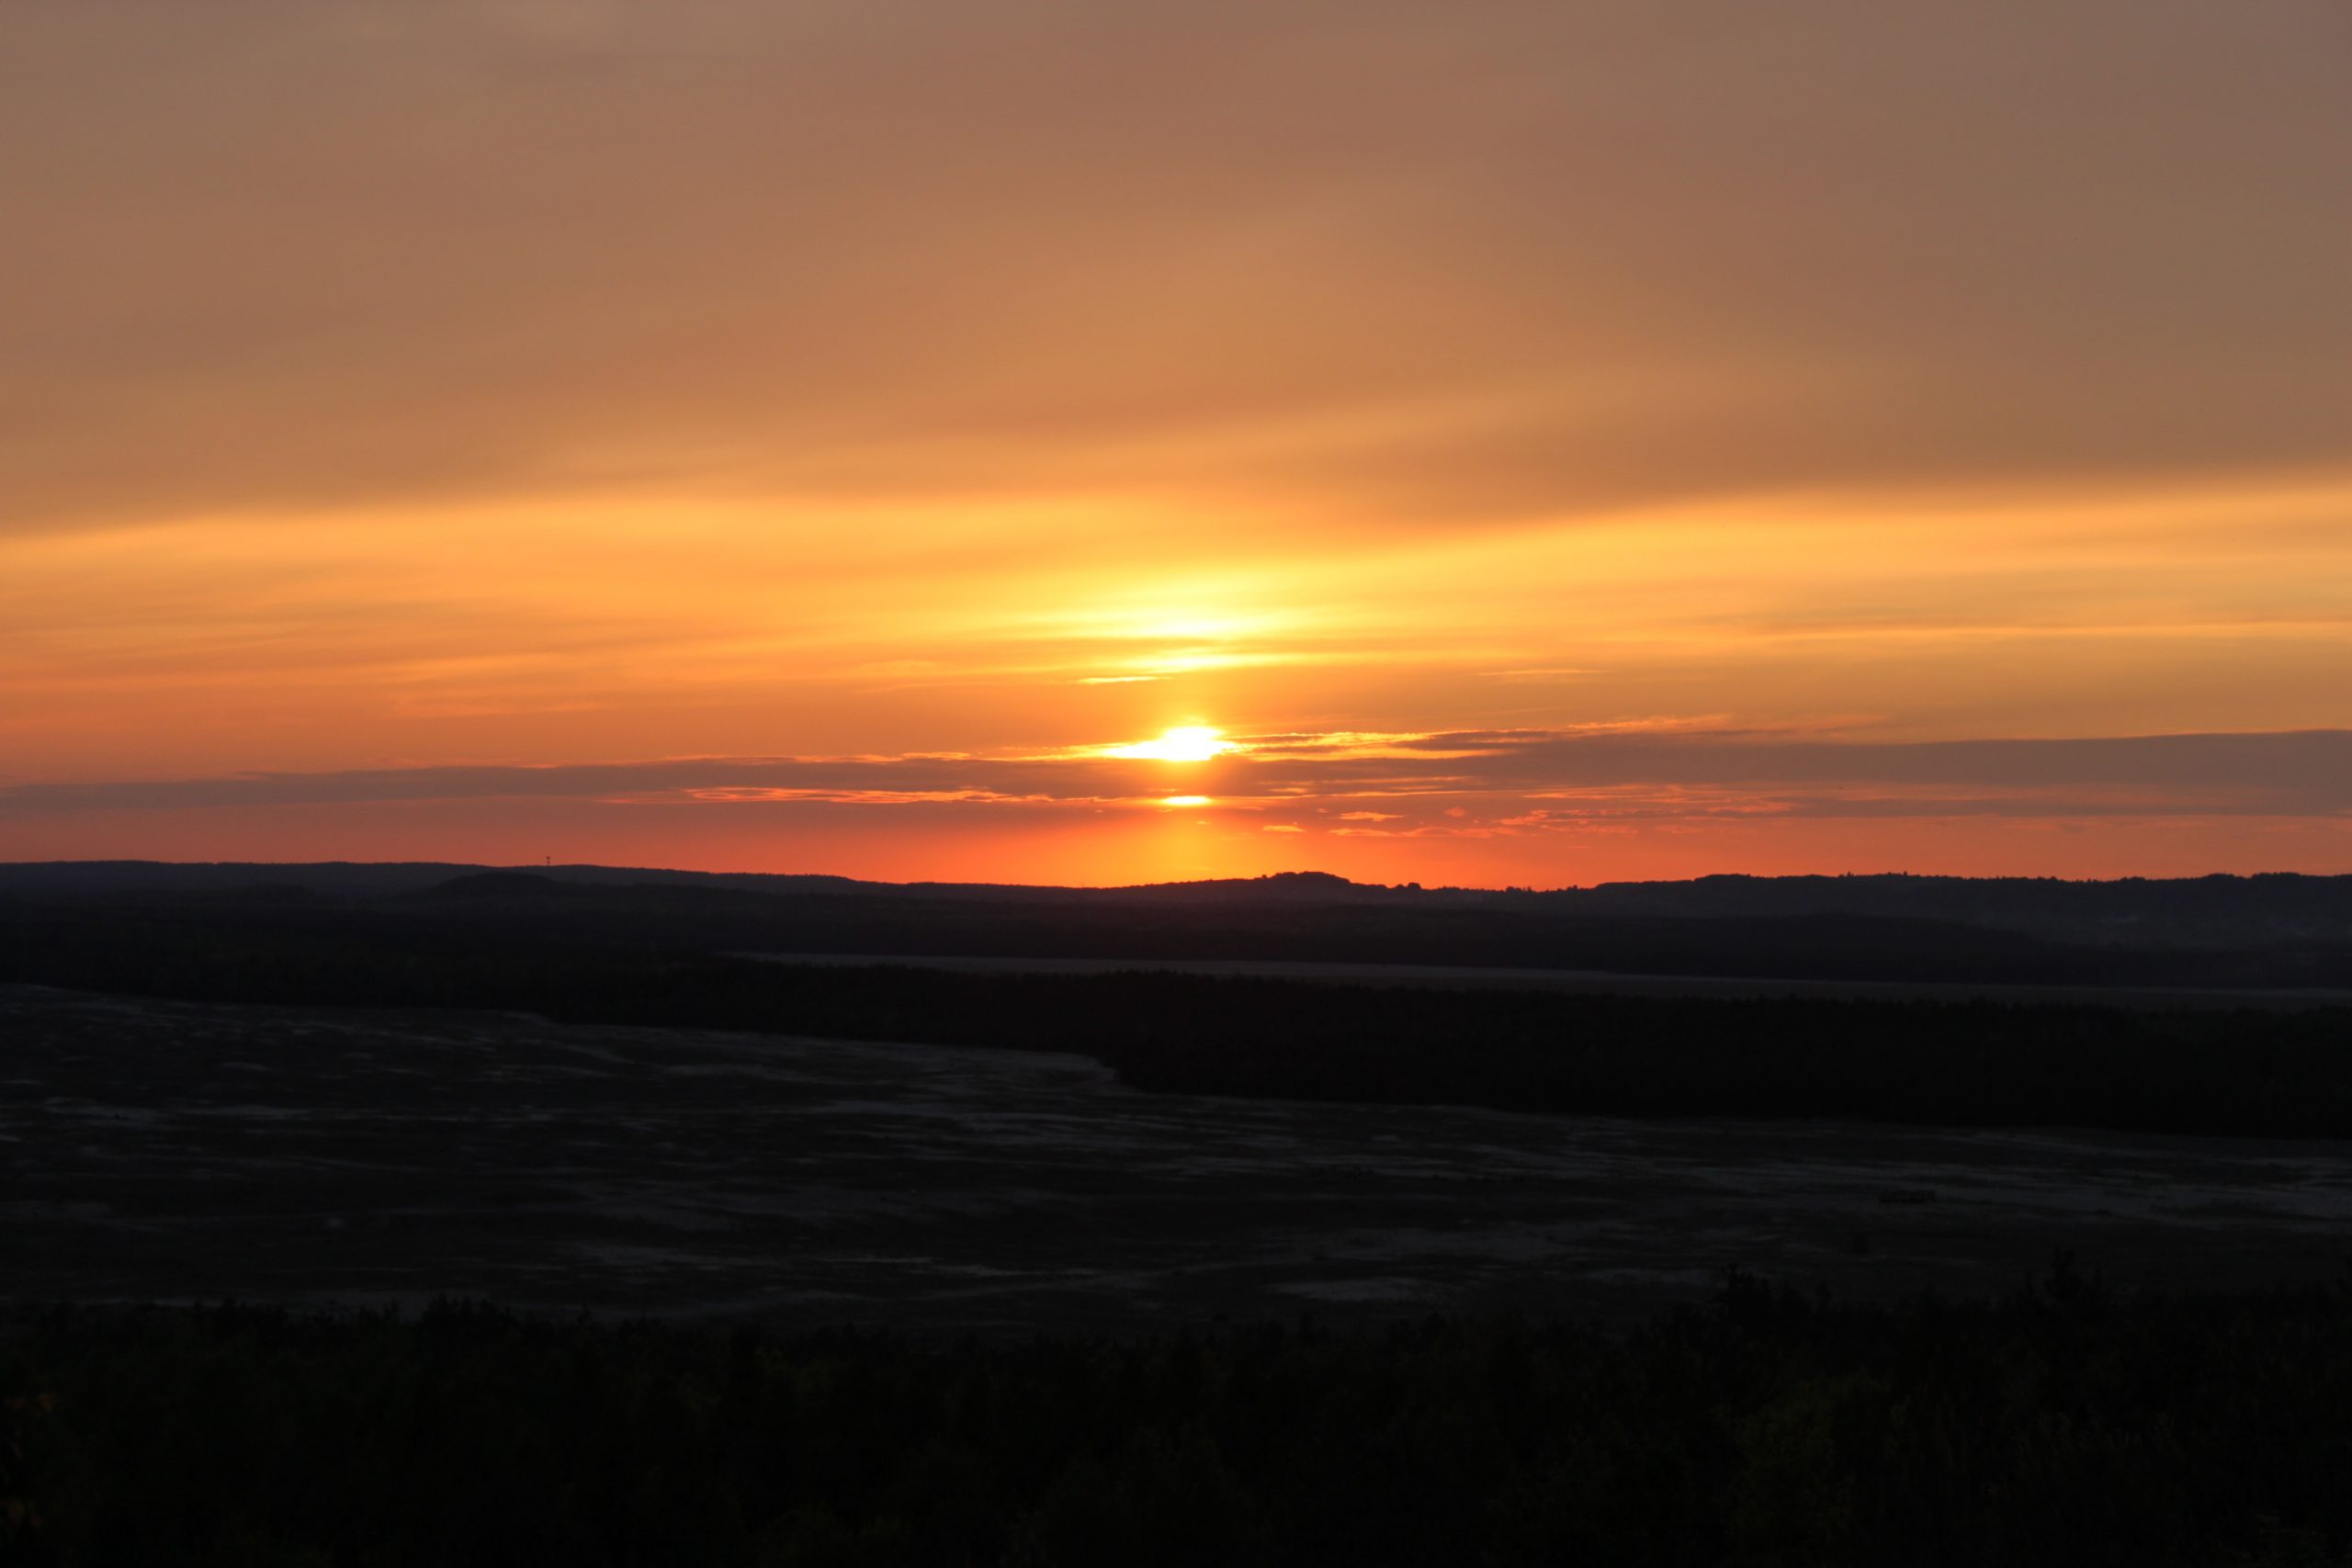 Taki tam sobie zachód słońca…